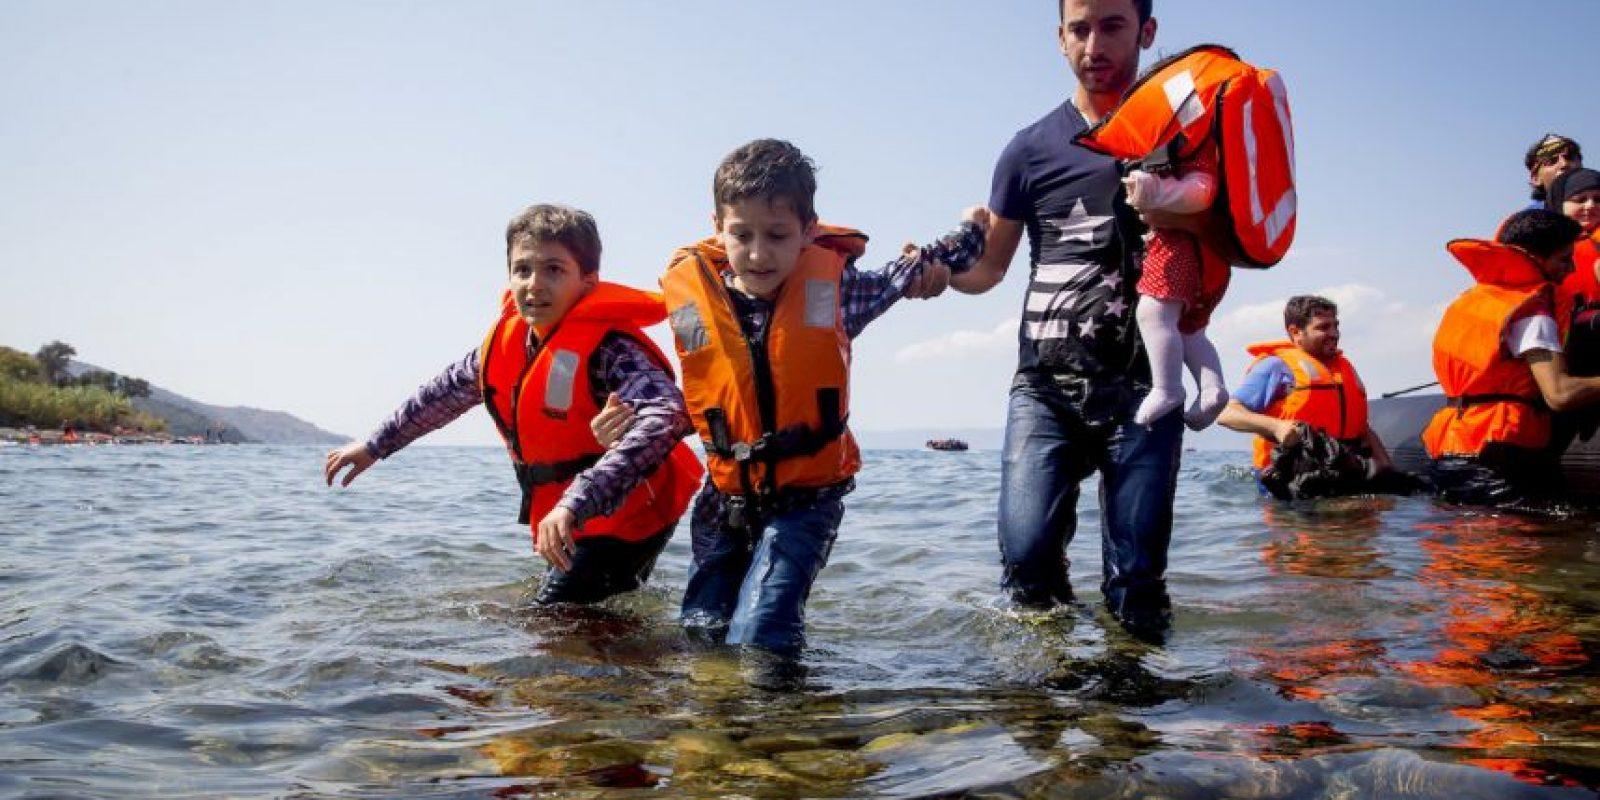 Según el periódico español El País, el ministro de Economía de Alemania ministro de Economía, Sigmar Gabriel sostuvo que pueden acoger a medio millón de refugiados este año. Foto:Getty Images